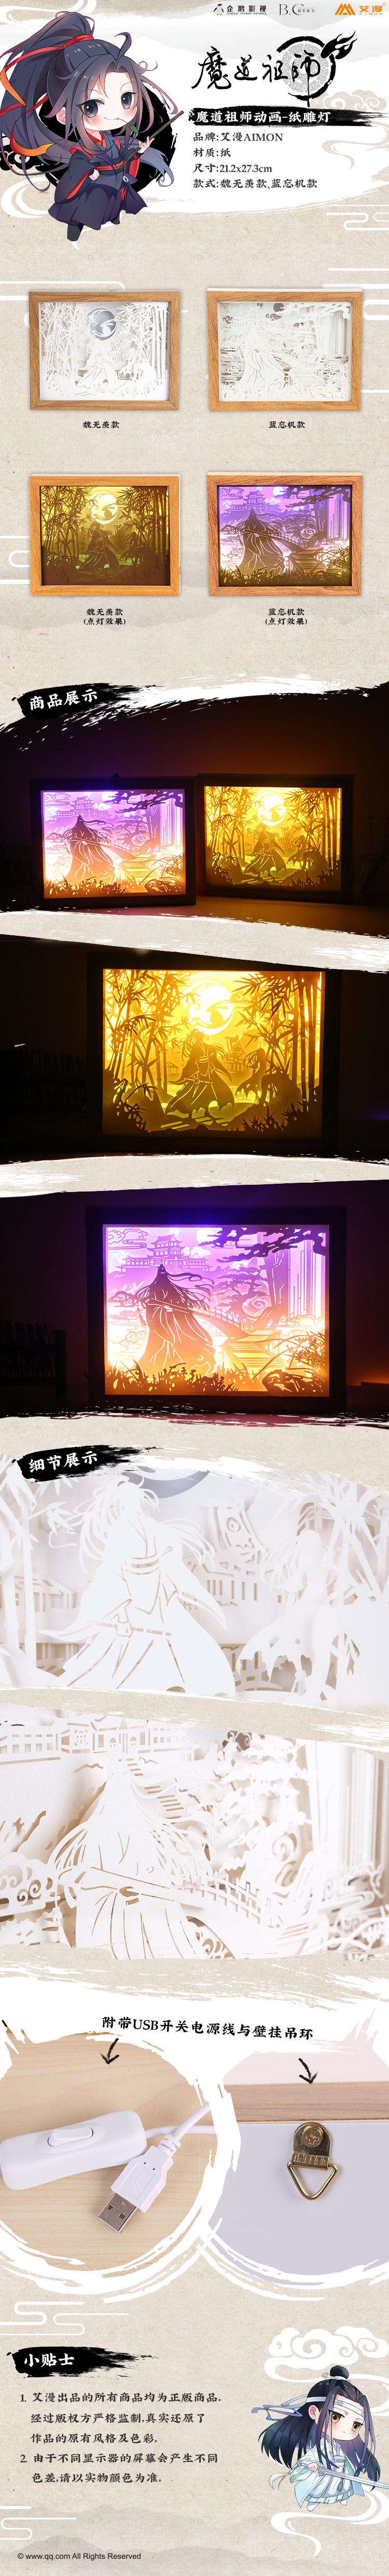 1535076232642魔道-纸雕灯-条图.jpg